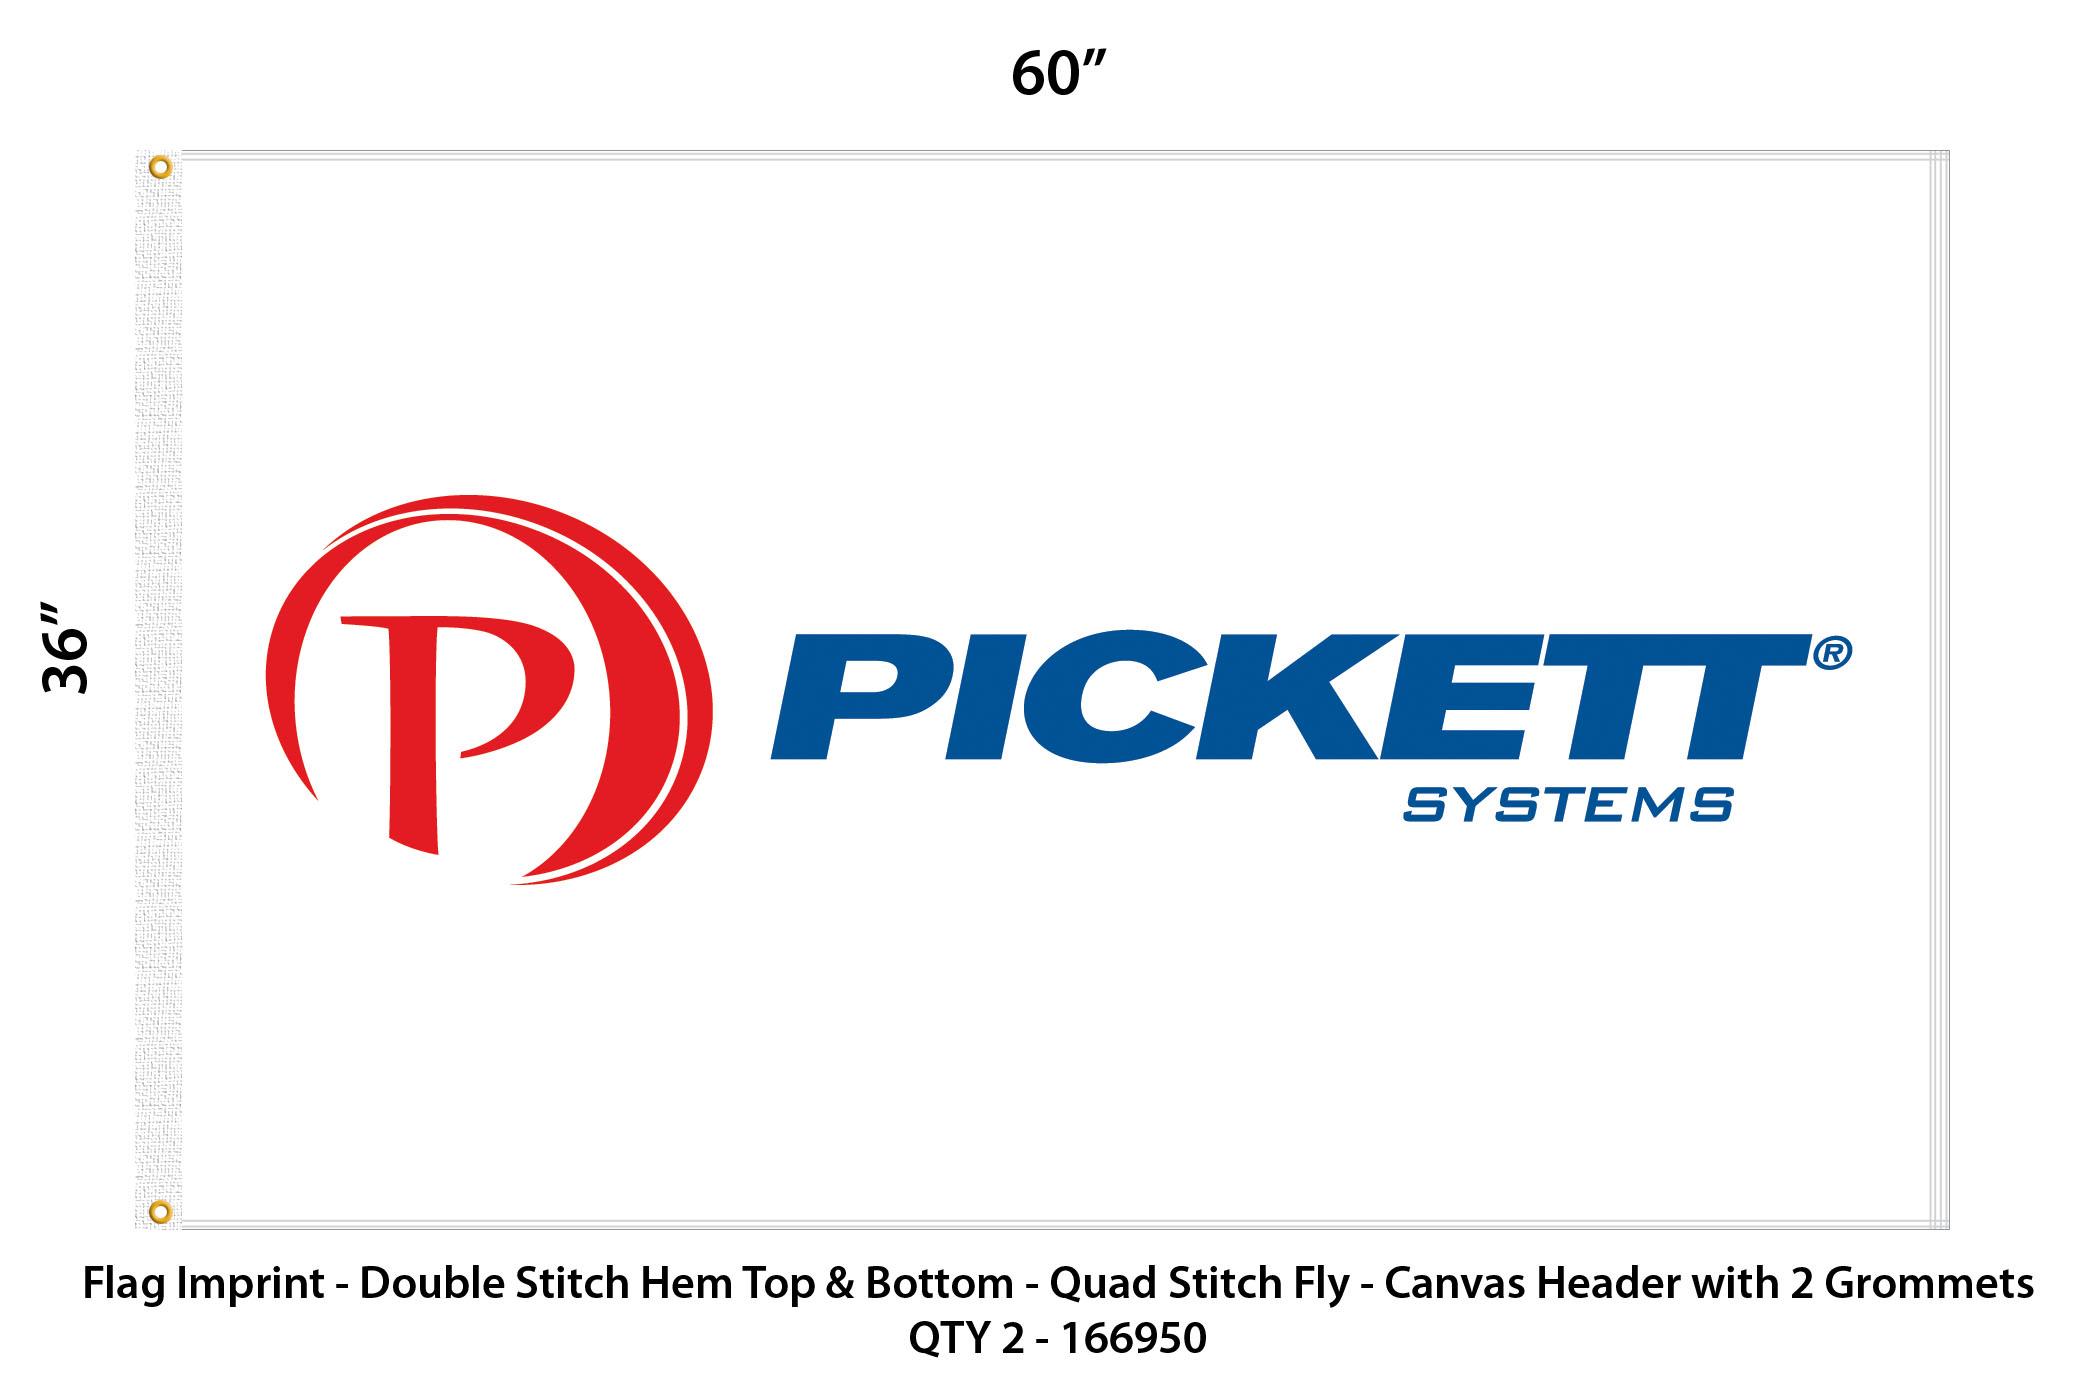 Pickett Systems